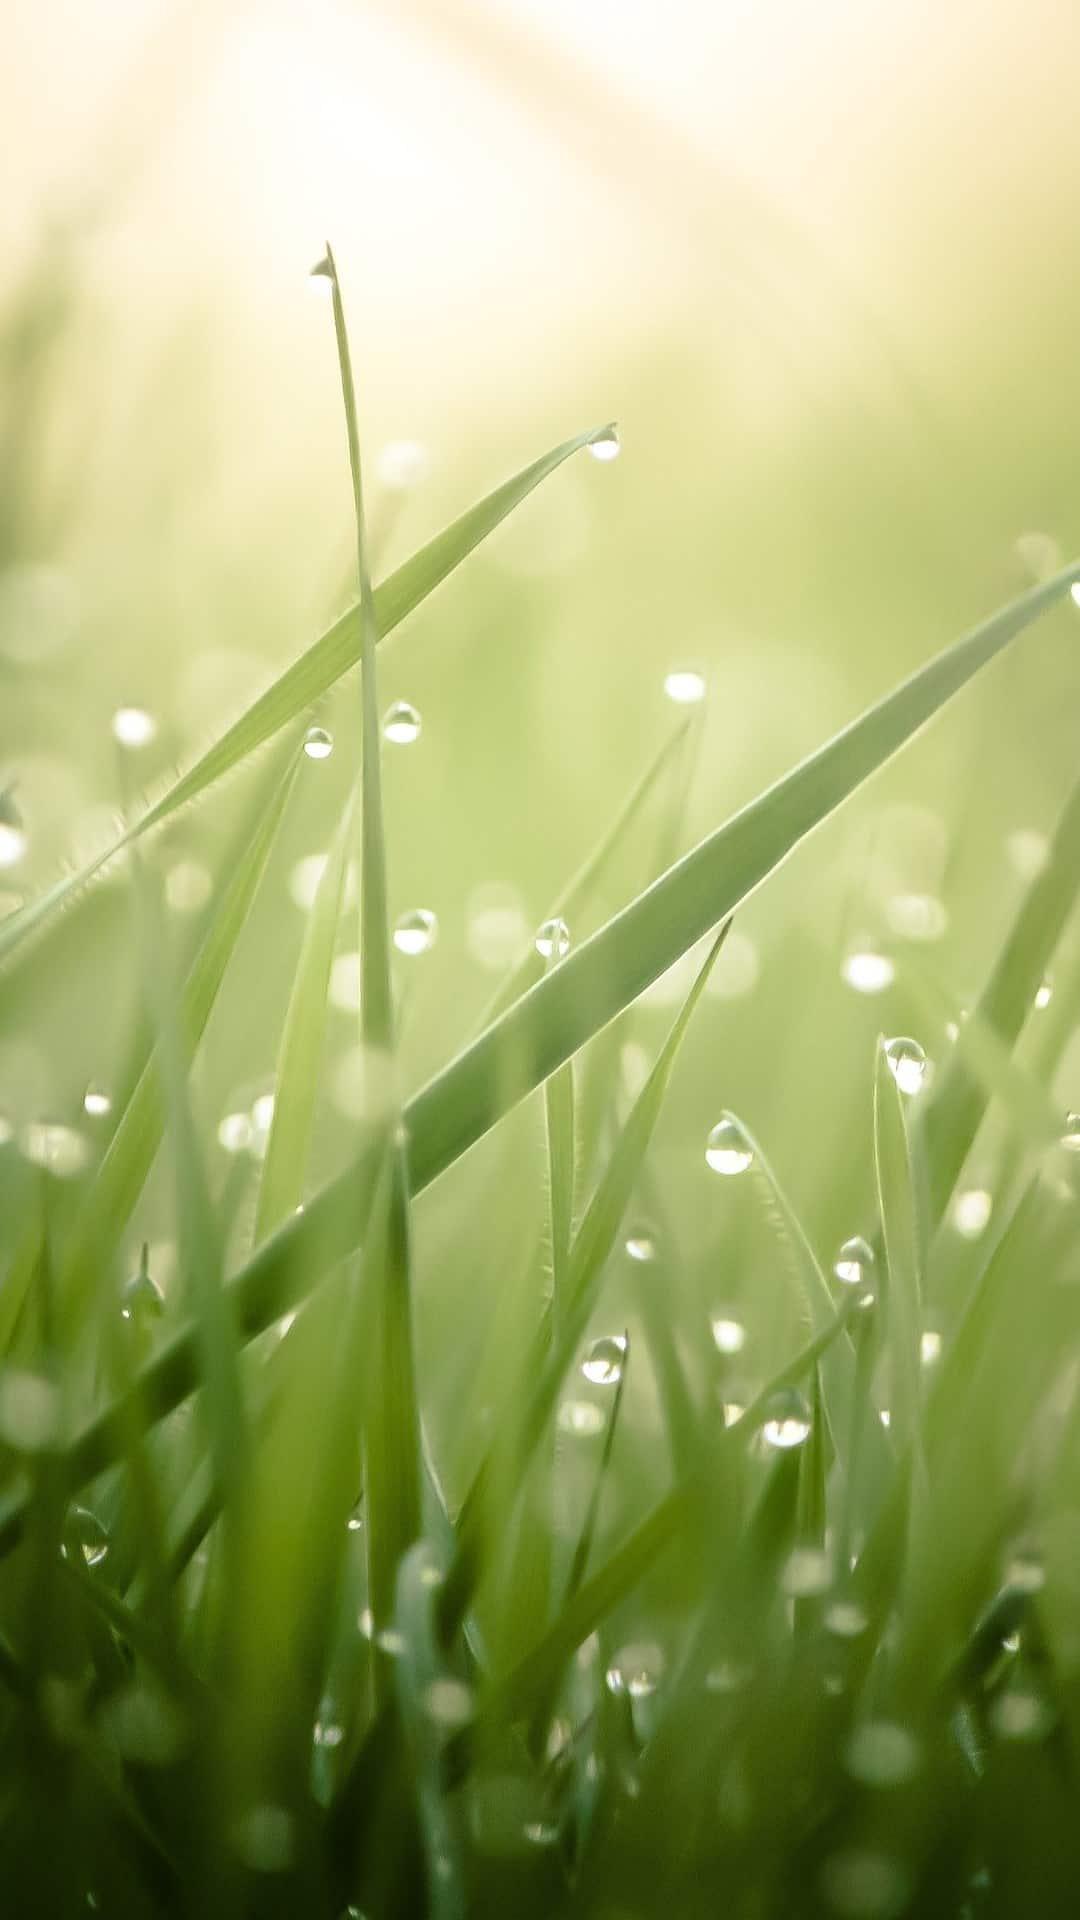 grass live wallpaper apk